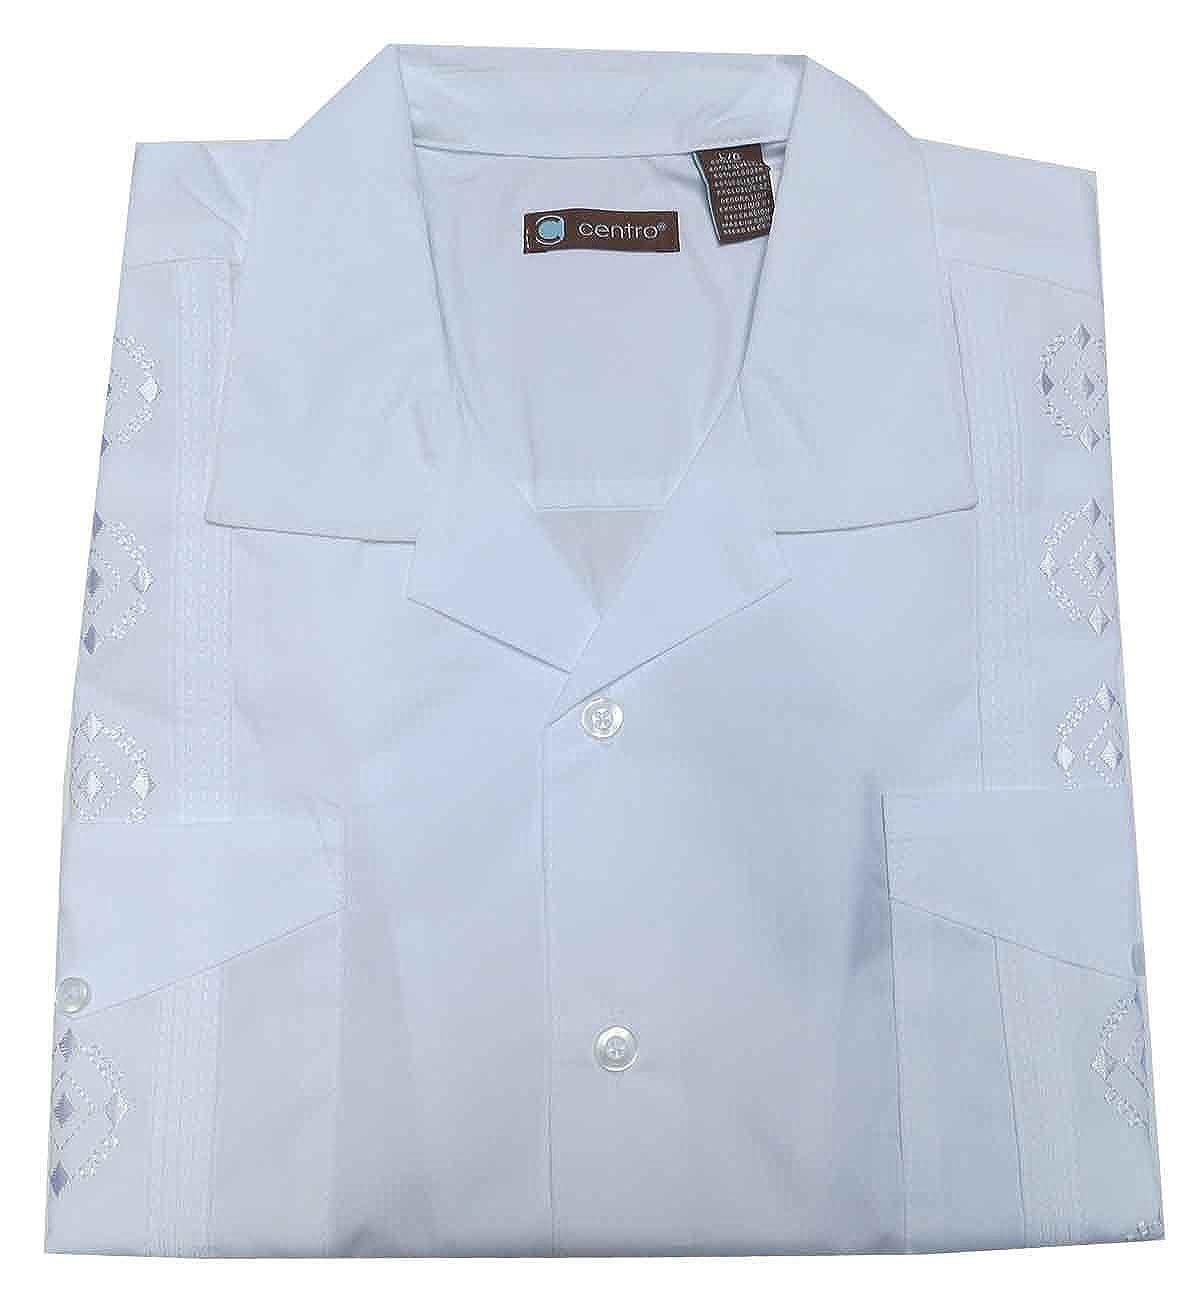 Guayabera Embroidered Poly Cotton Shirt